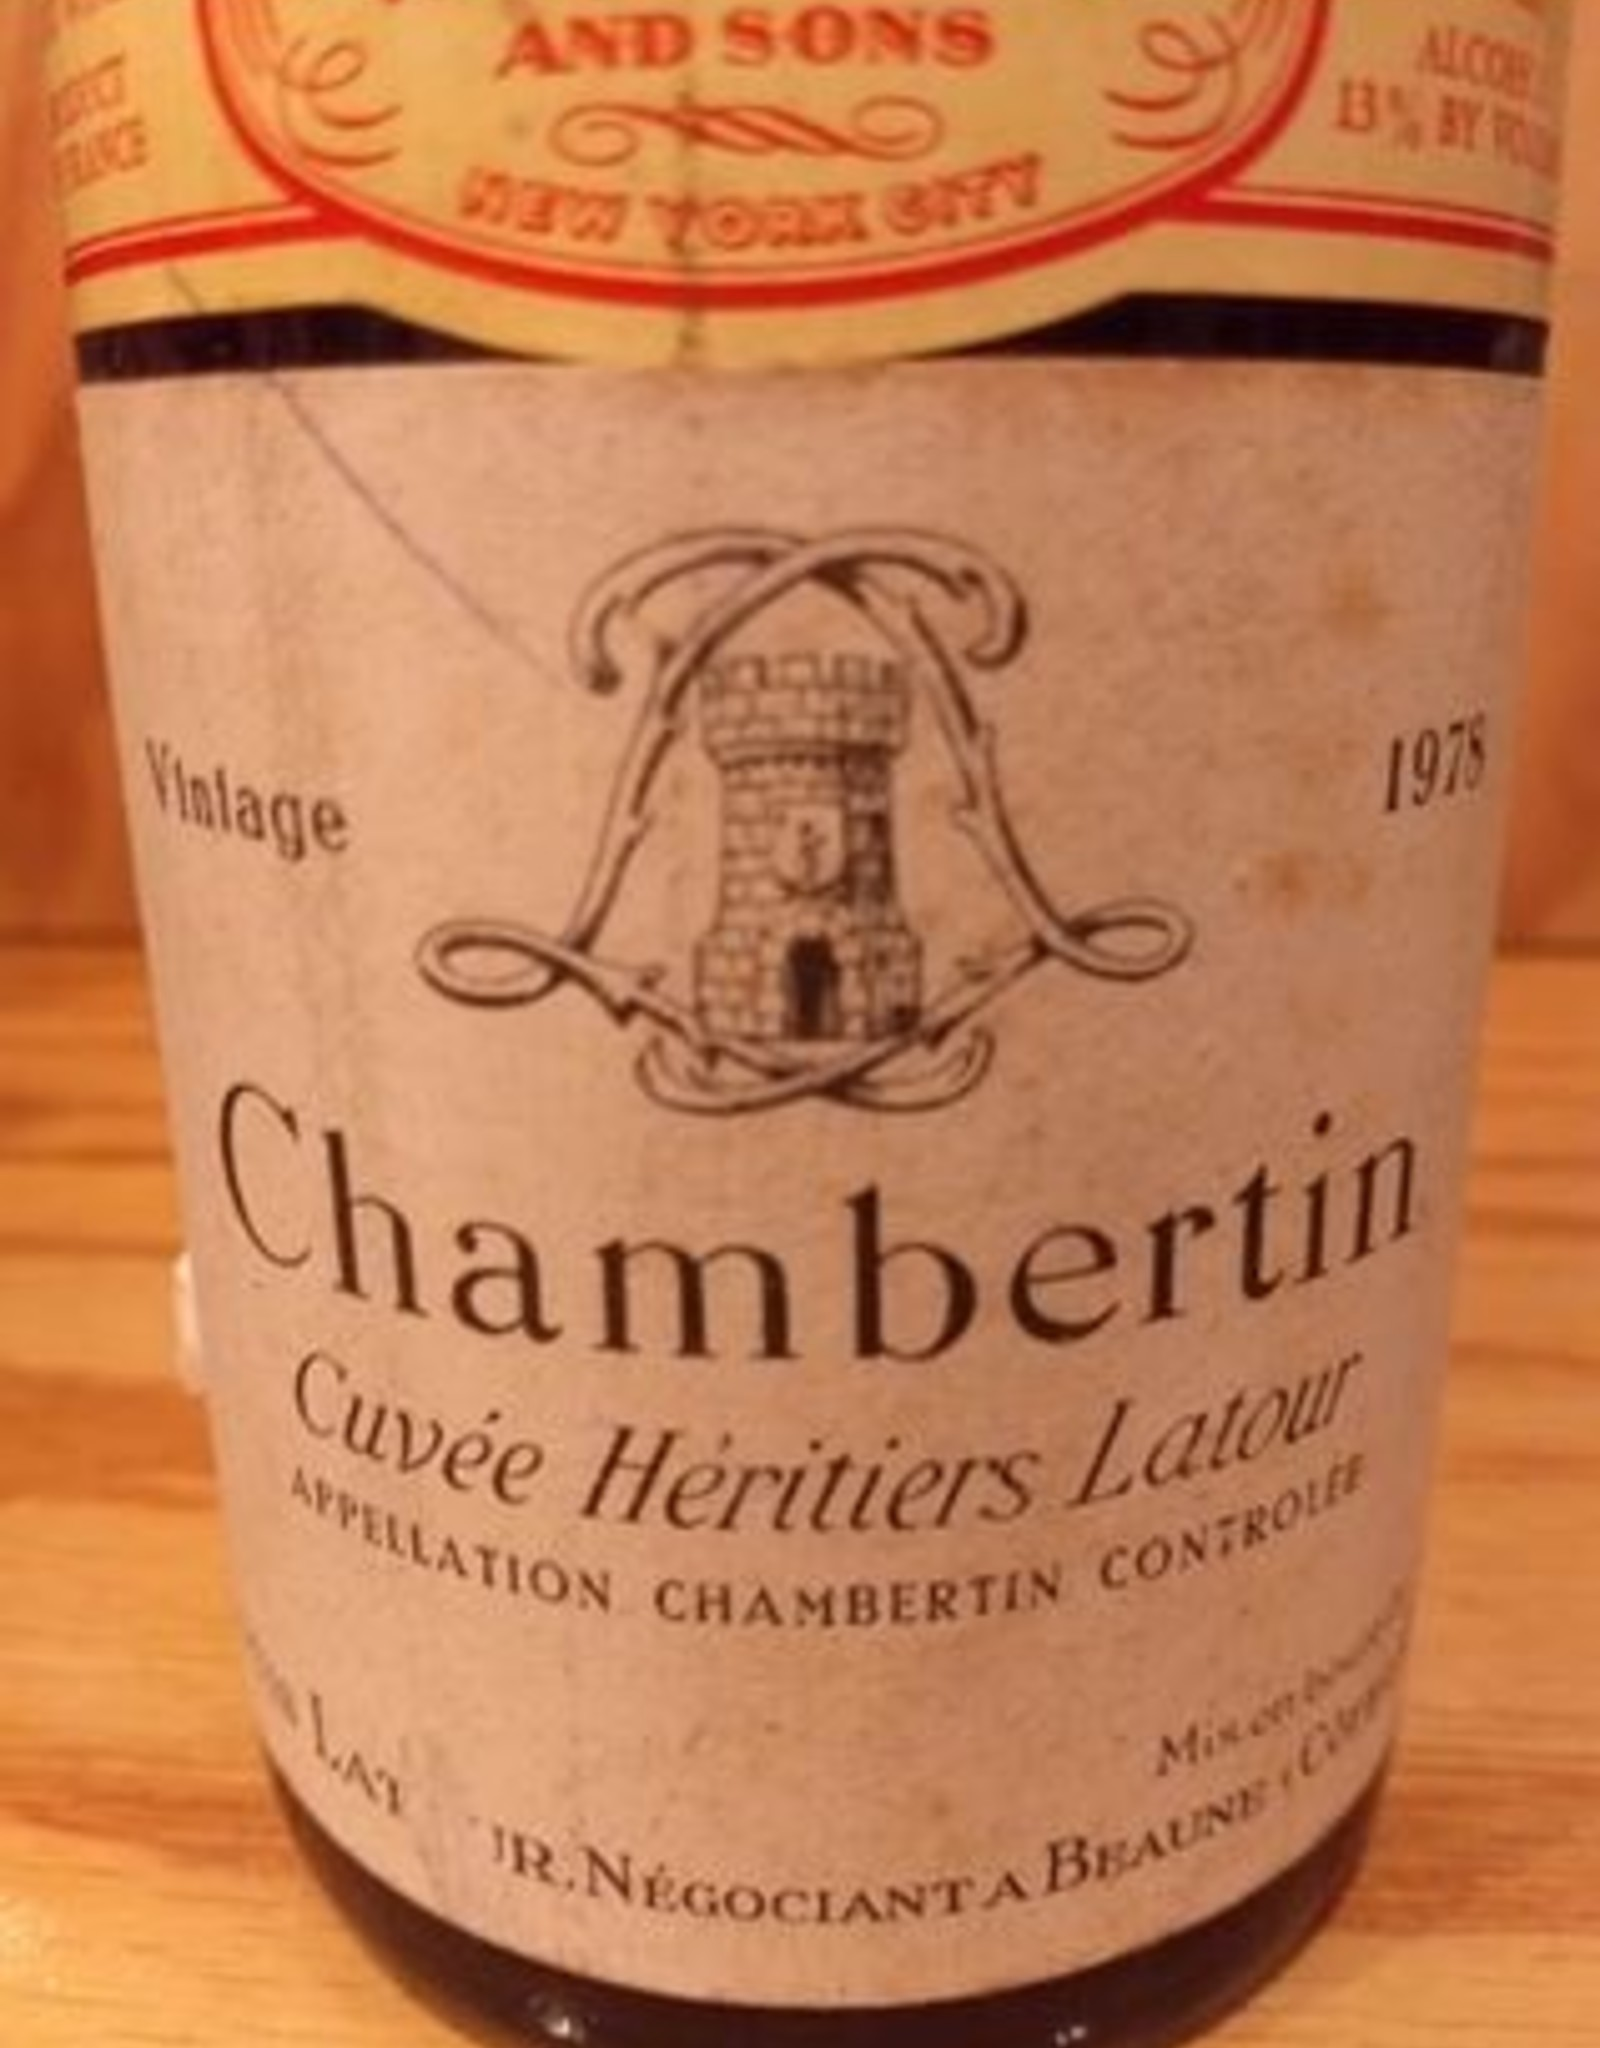 Latour Chambertin Cuvee Heritiers Latour 1978